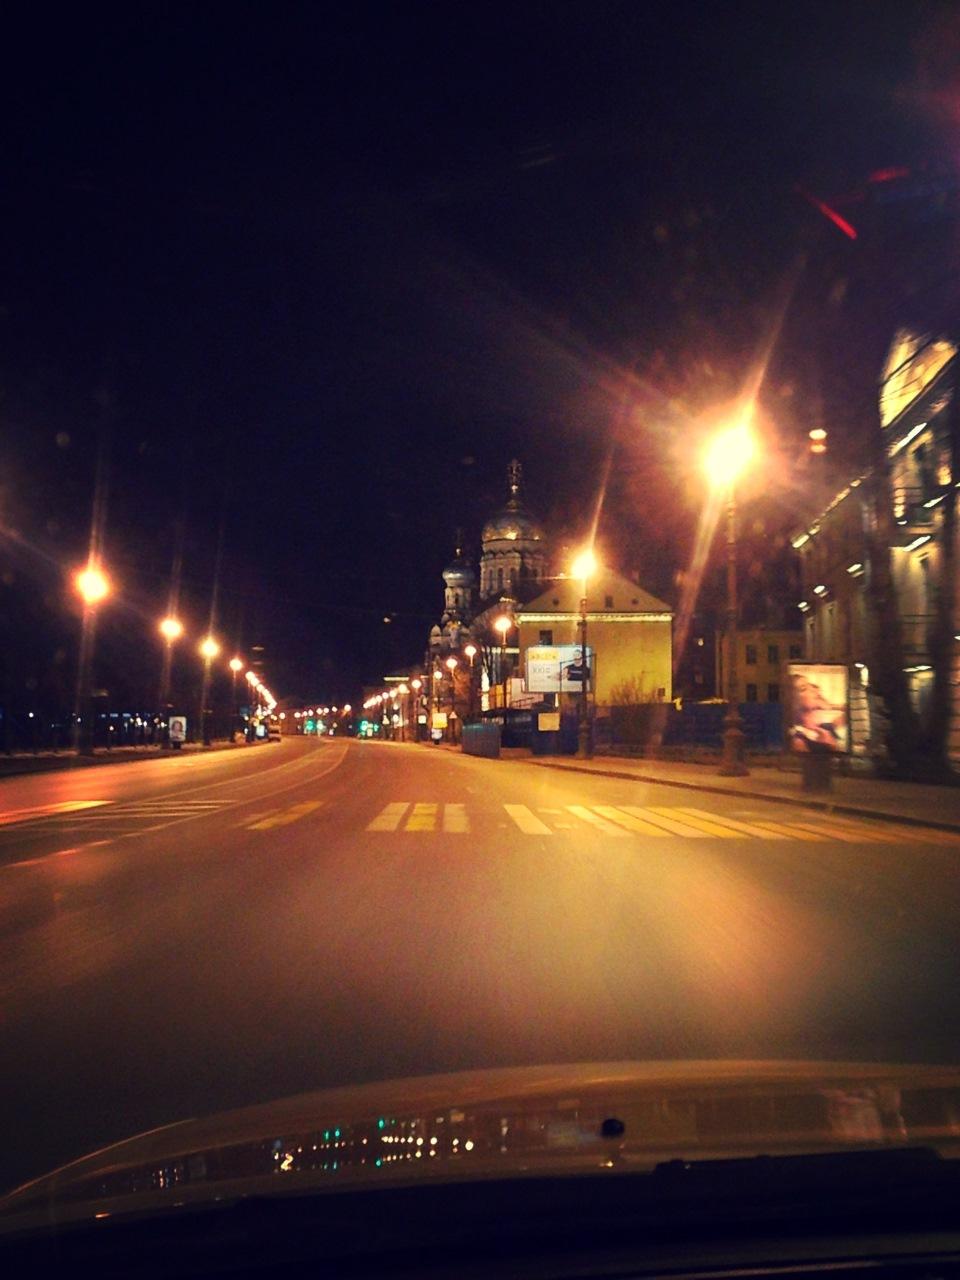 если картинки кататься по ночному городу часто обнаруживают земле